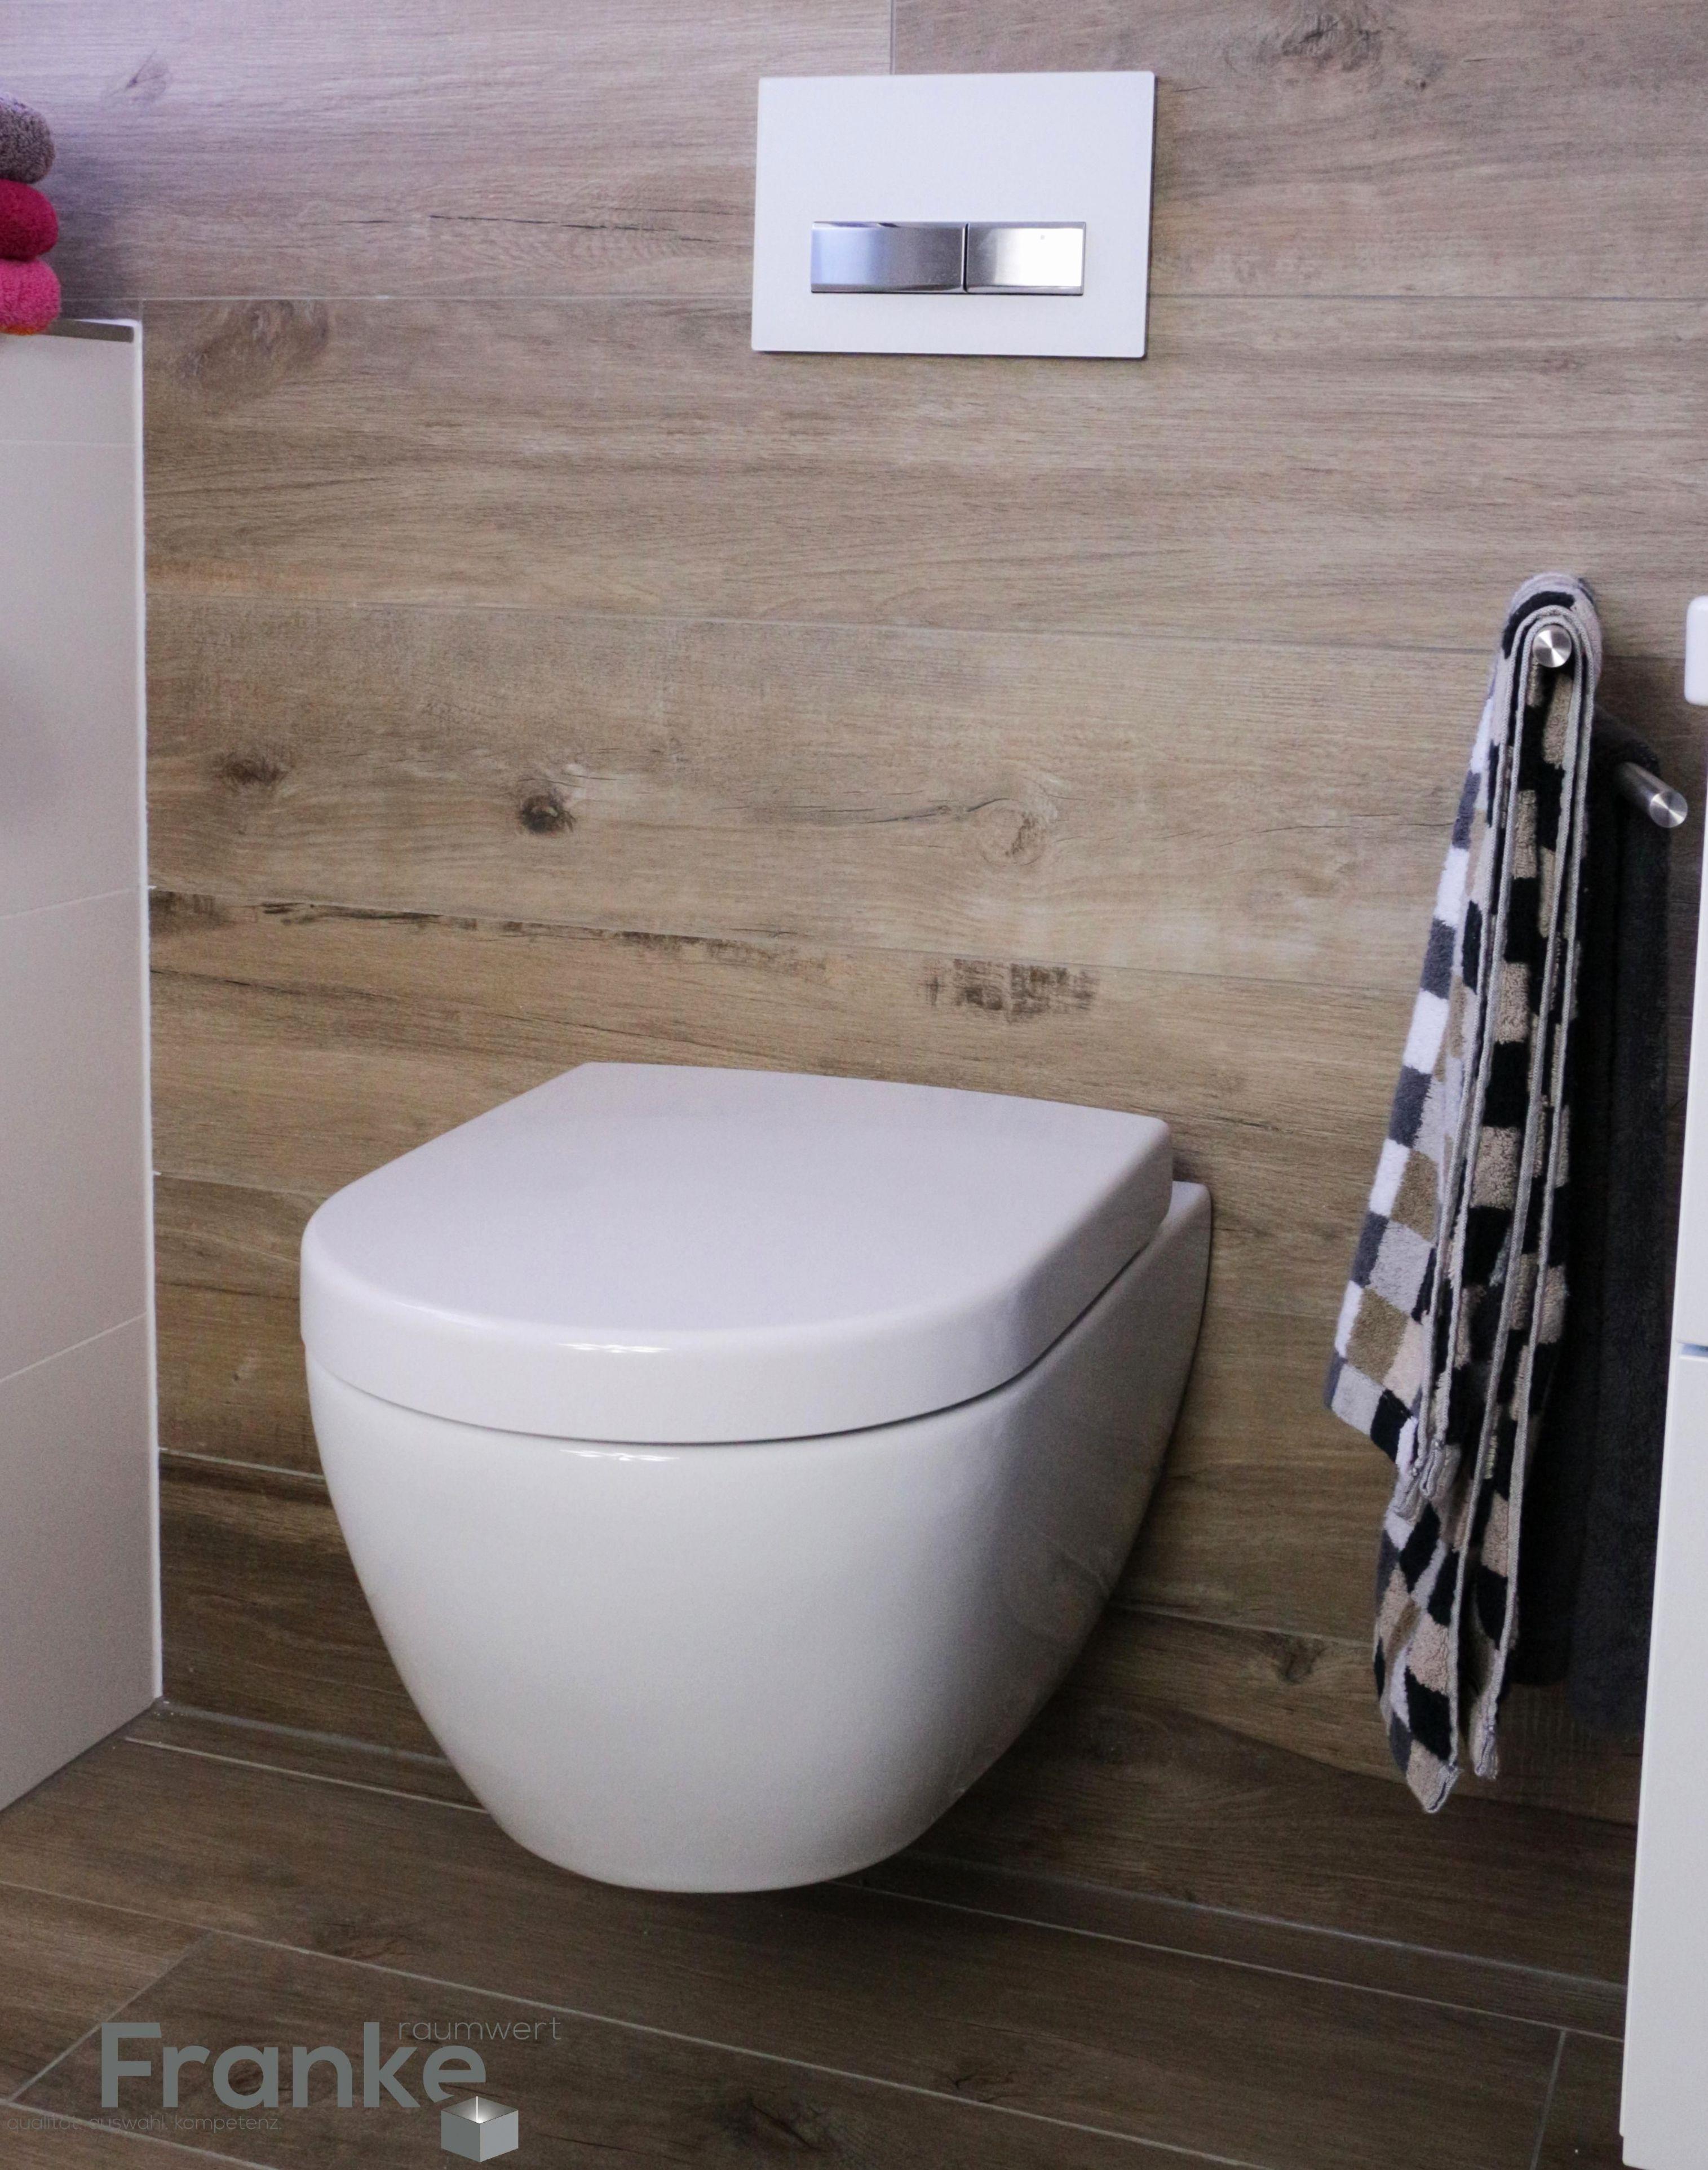 17 Beliebt Badezimmer Aufbewahrungsboxen Ikea Du kannst aussuchen